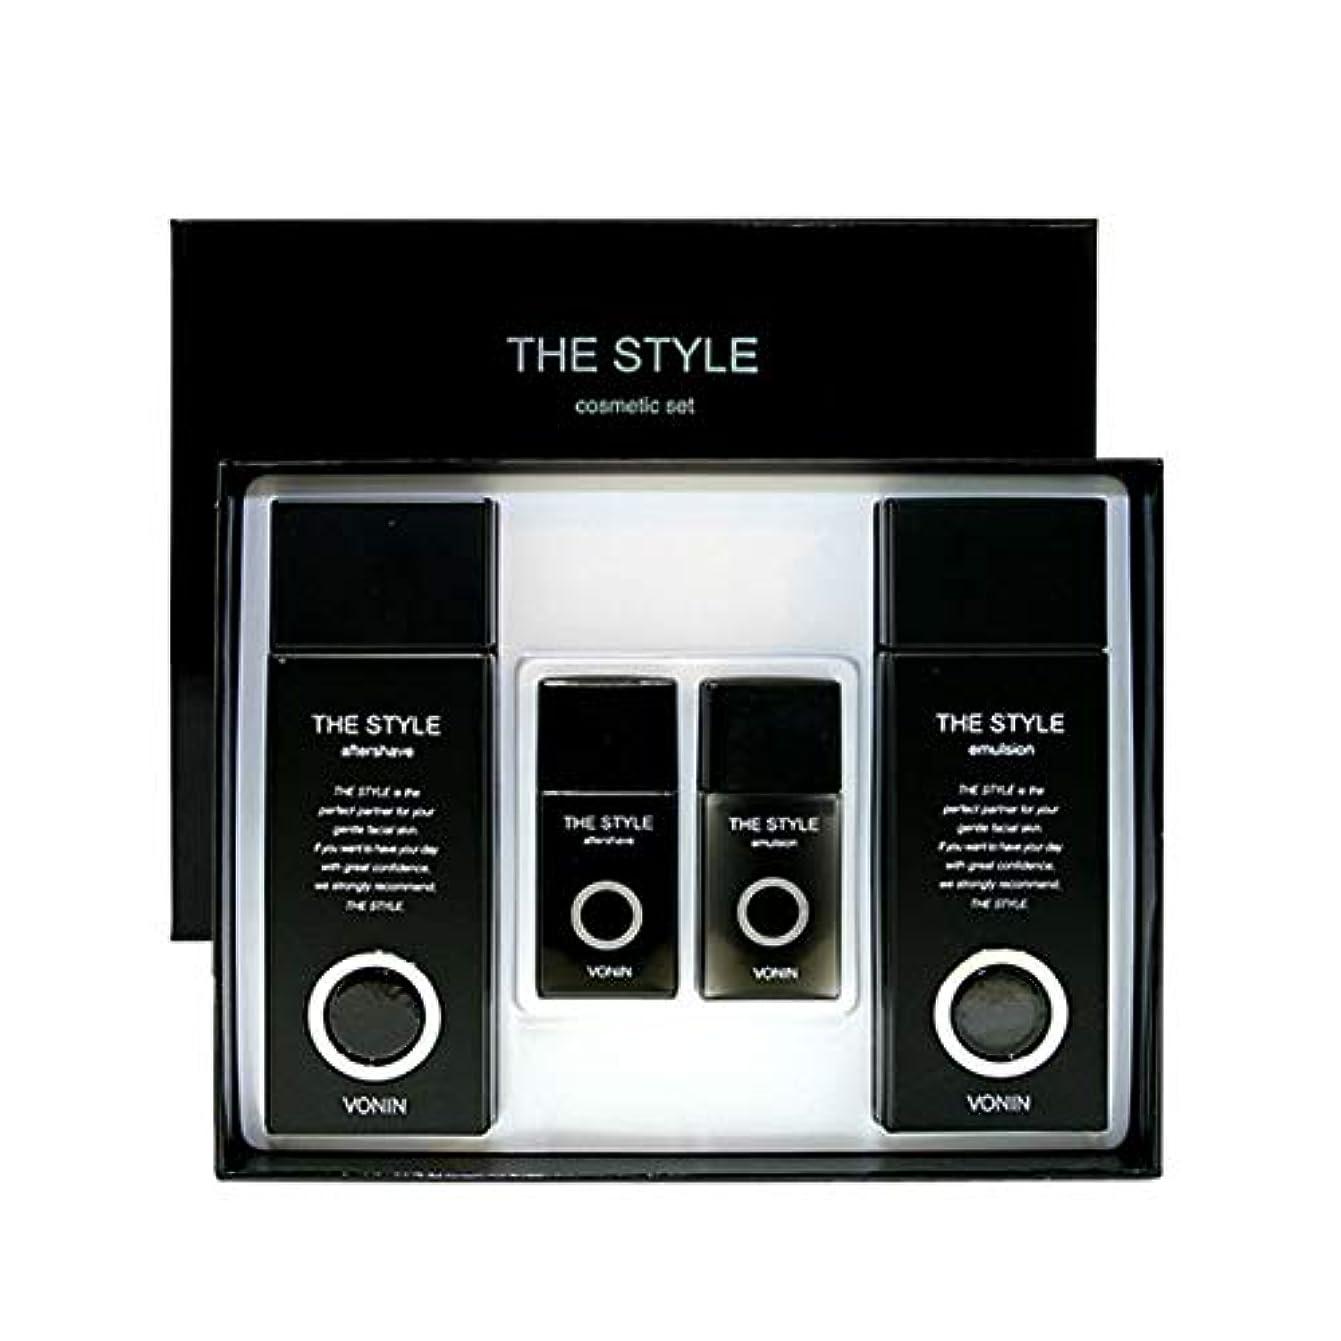 六月南東韓国ボニンダースタイルアフターシェーブ170ml(135+35)エマルジョン170ml(135+35)セットメンズコスメ韓国コスメ、VONIN The Style Aftershave 170ml(135+35) Emulsion 170ml(135+35) Set Men's Cosmetics Korean Cosmetics [並行輸入品]